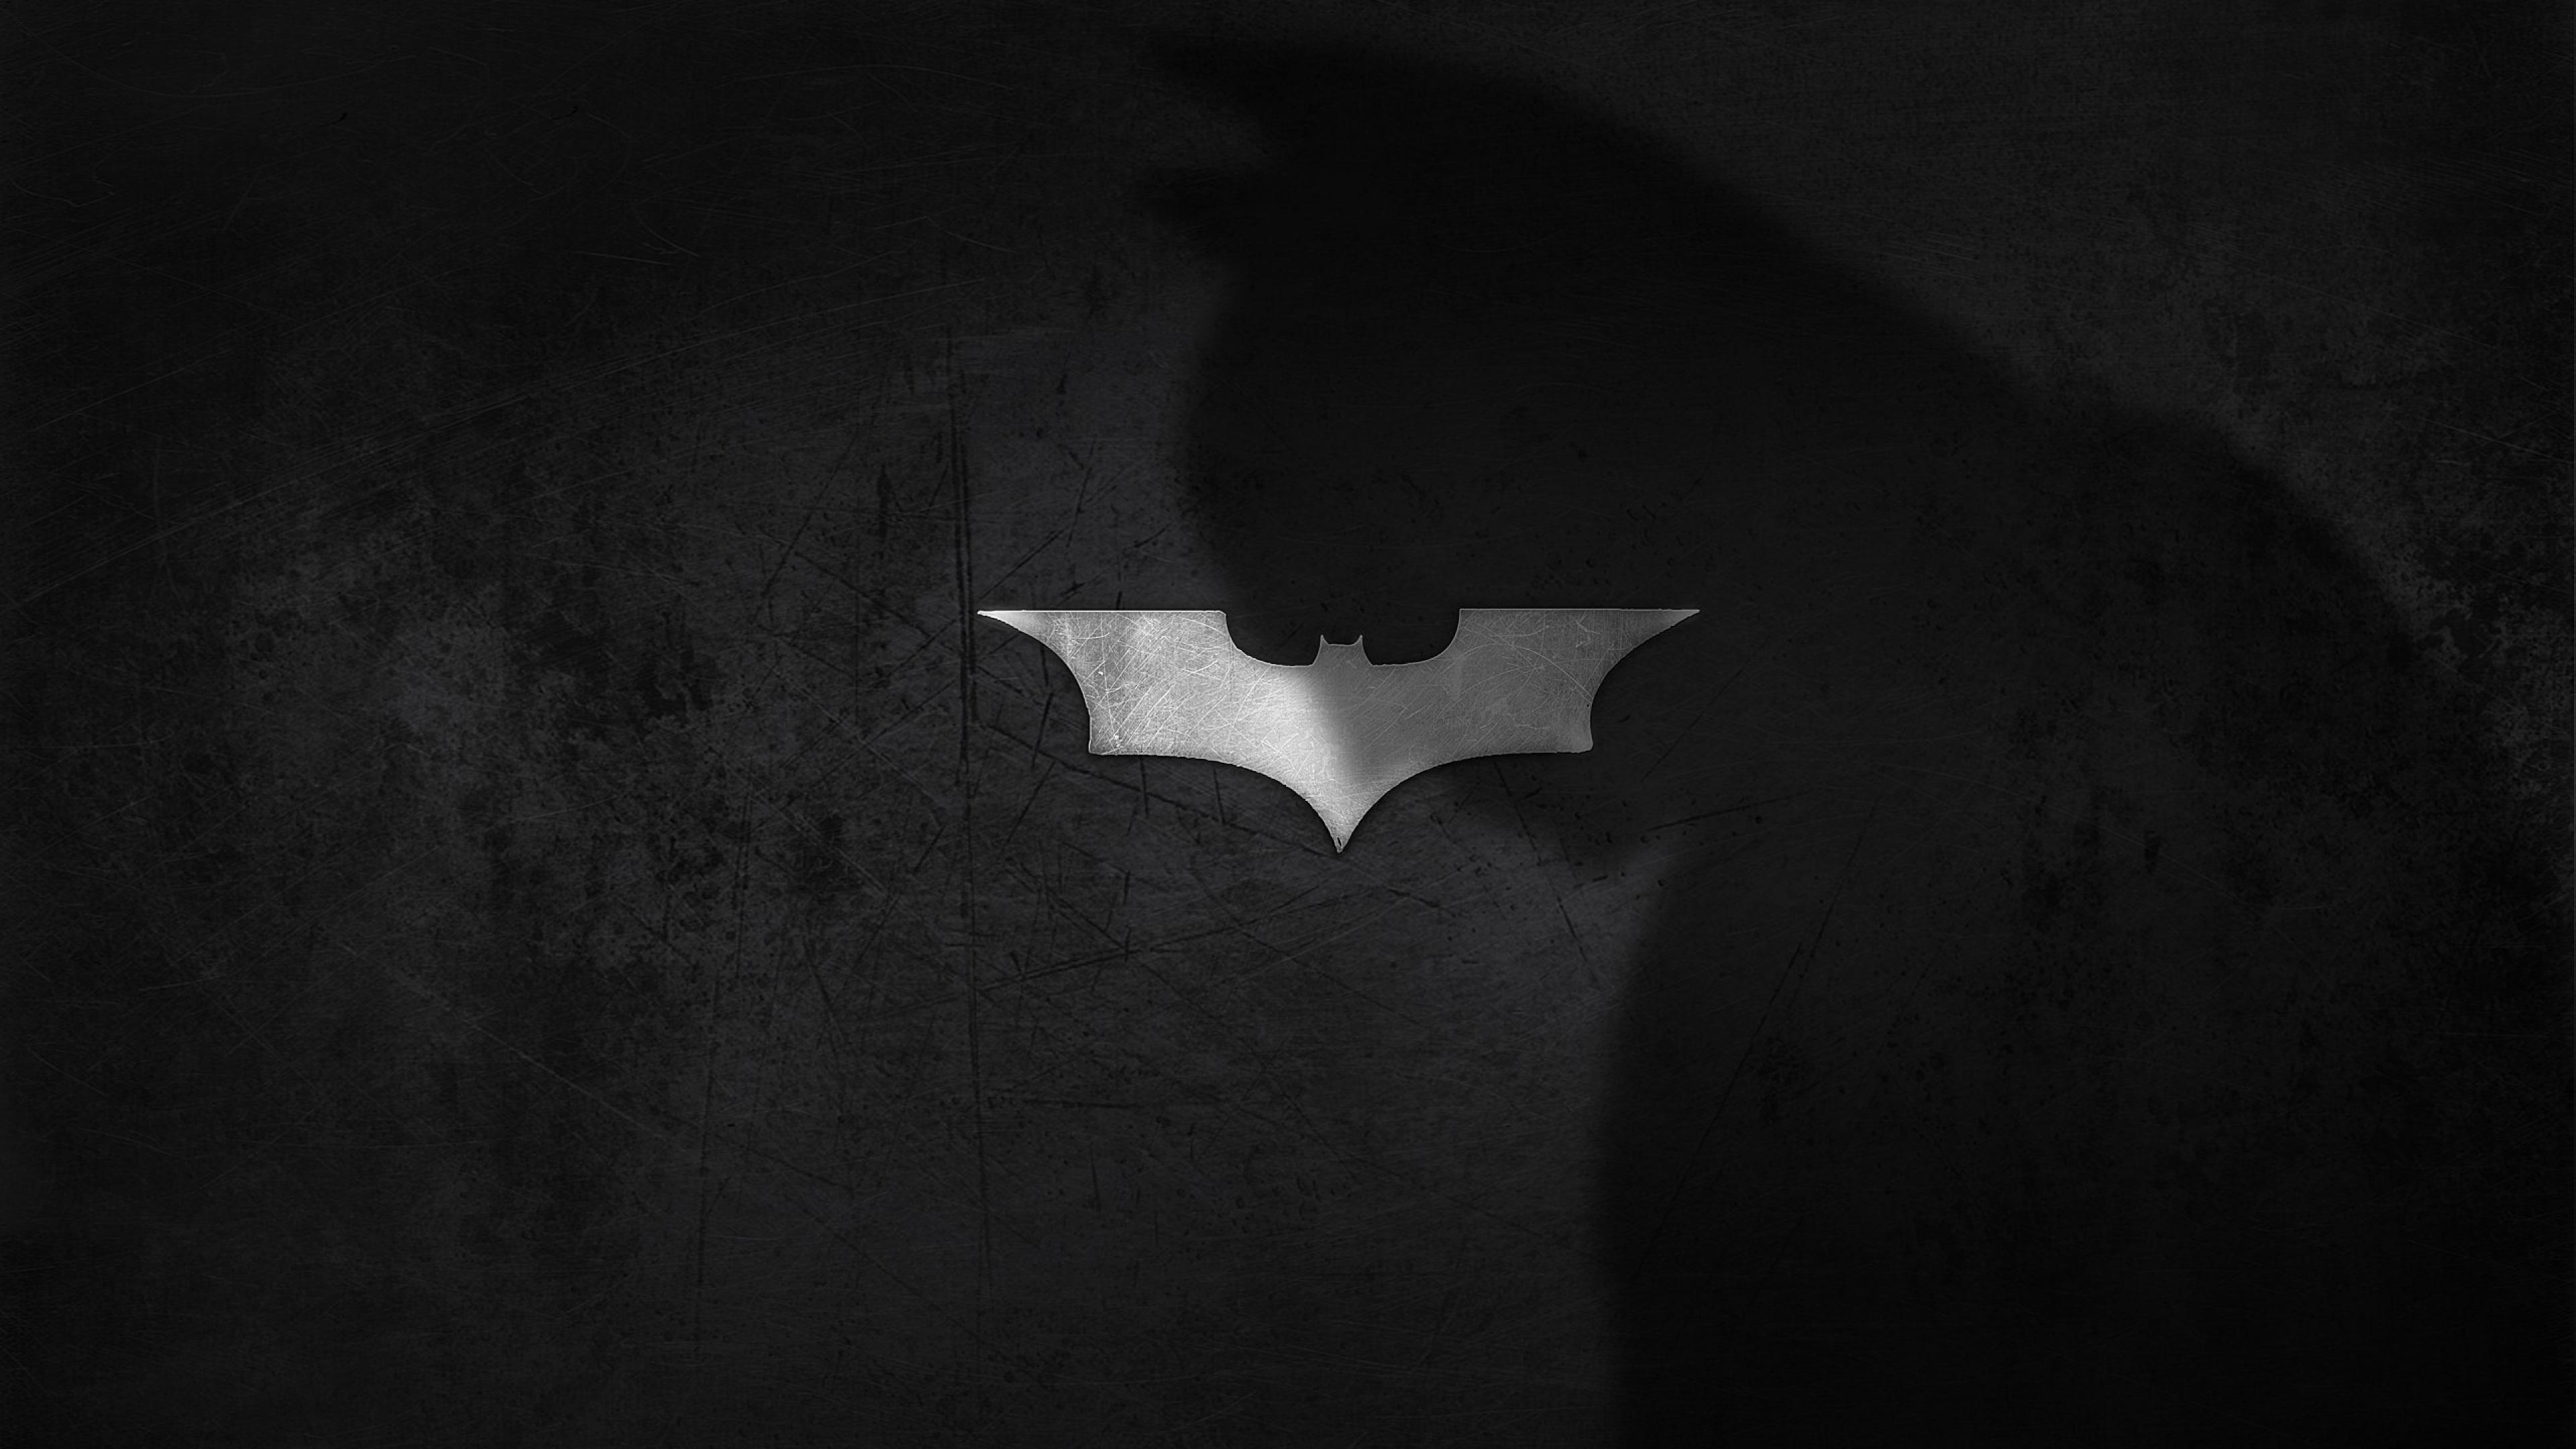 Download Wallpaper 3840x2160 shadow logo batman dark knight 4K 3840x2160